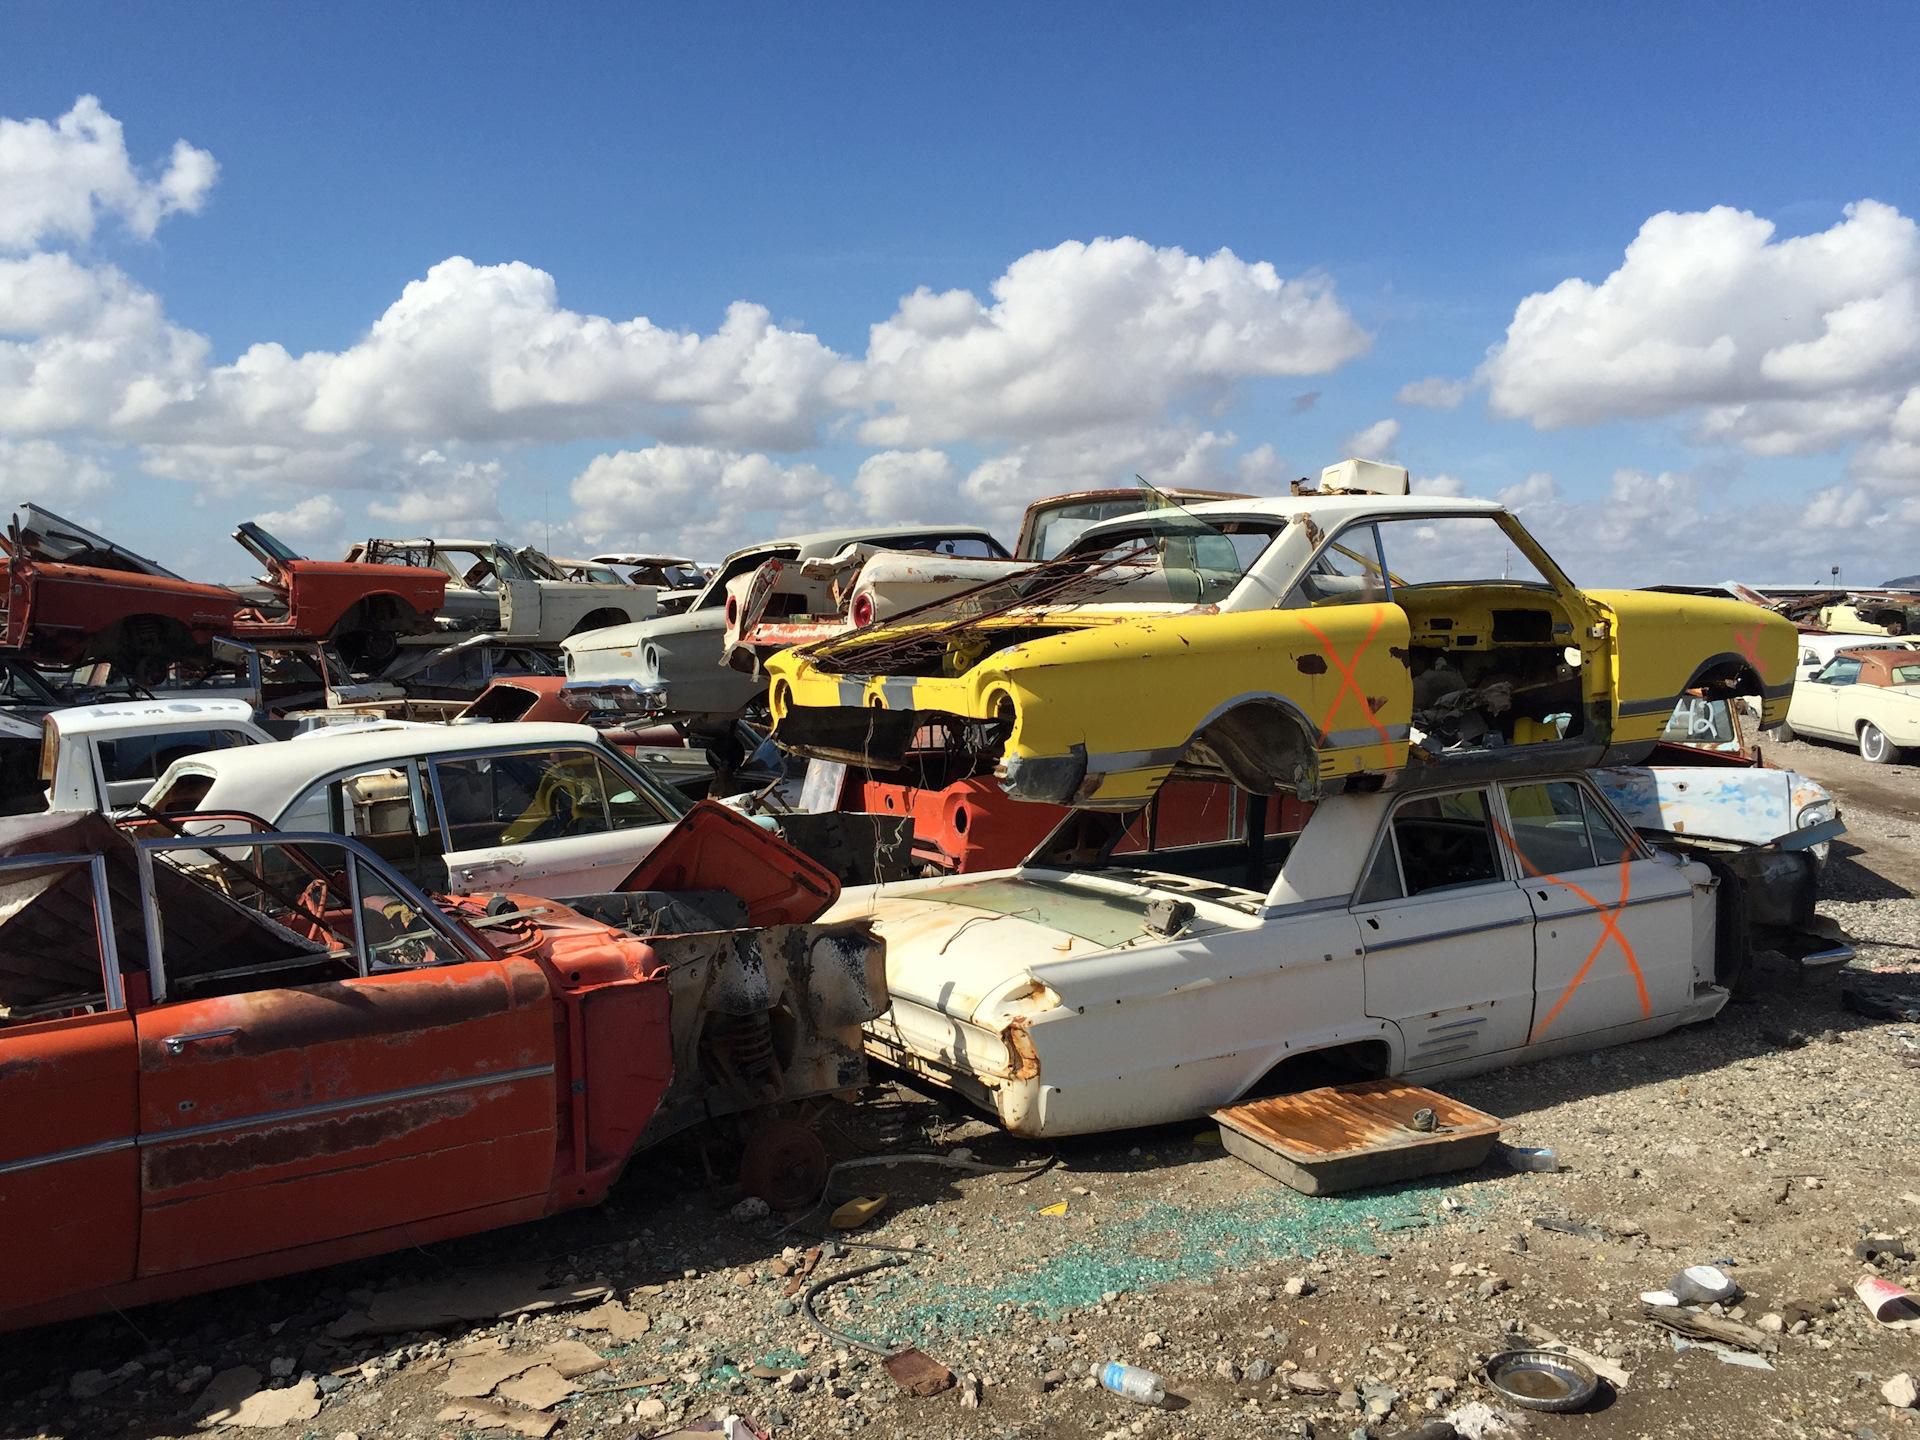 Дневники «Авто-Винтажа»: Desert Valley Auto Parts или свалка